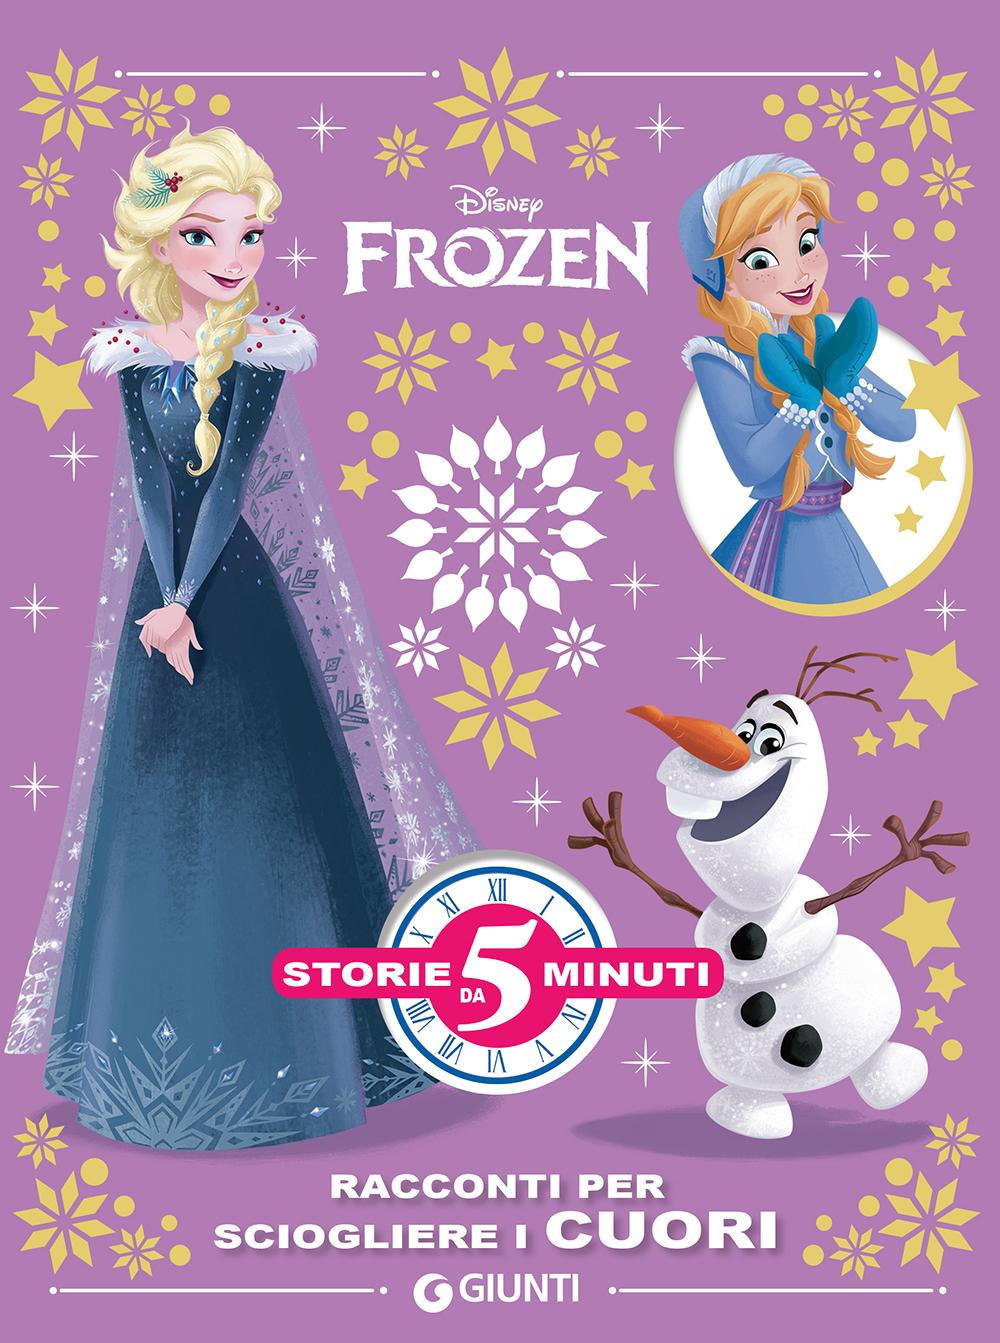 Storie da 5 Minuti - Frozen. Racconti per sciogliere i cuori